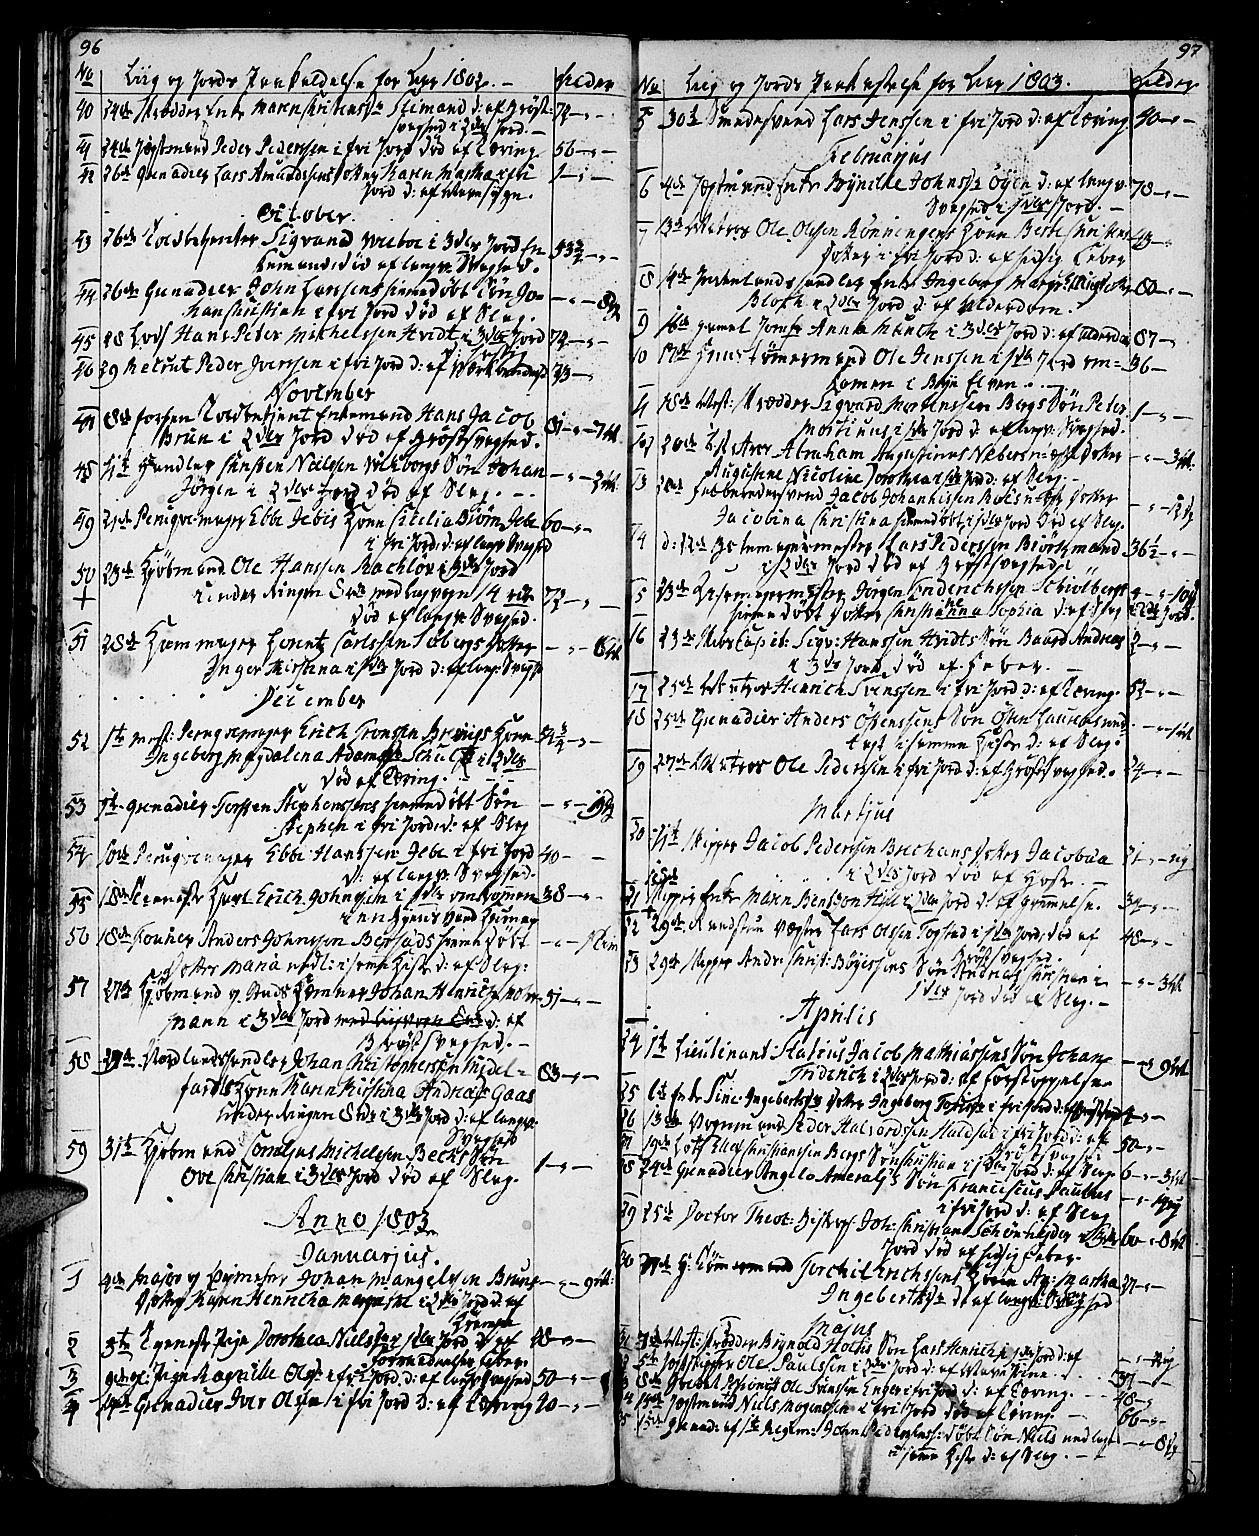 SAT, Ministerialprotokoller, klokkerbøker og fødselsregistre - Sør-Trøndelag, 602/L0134: Klokkerbok nr. 602C02, 1759-1812, s. 96-97